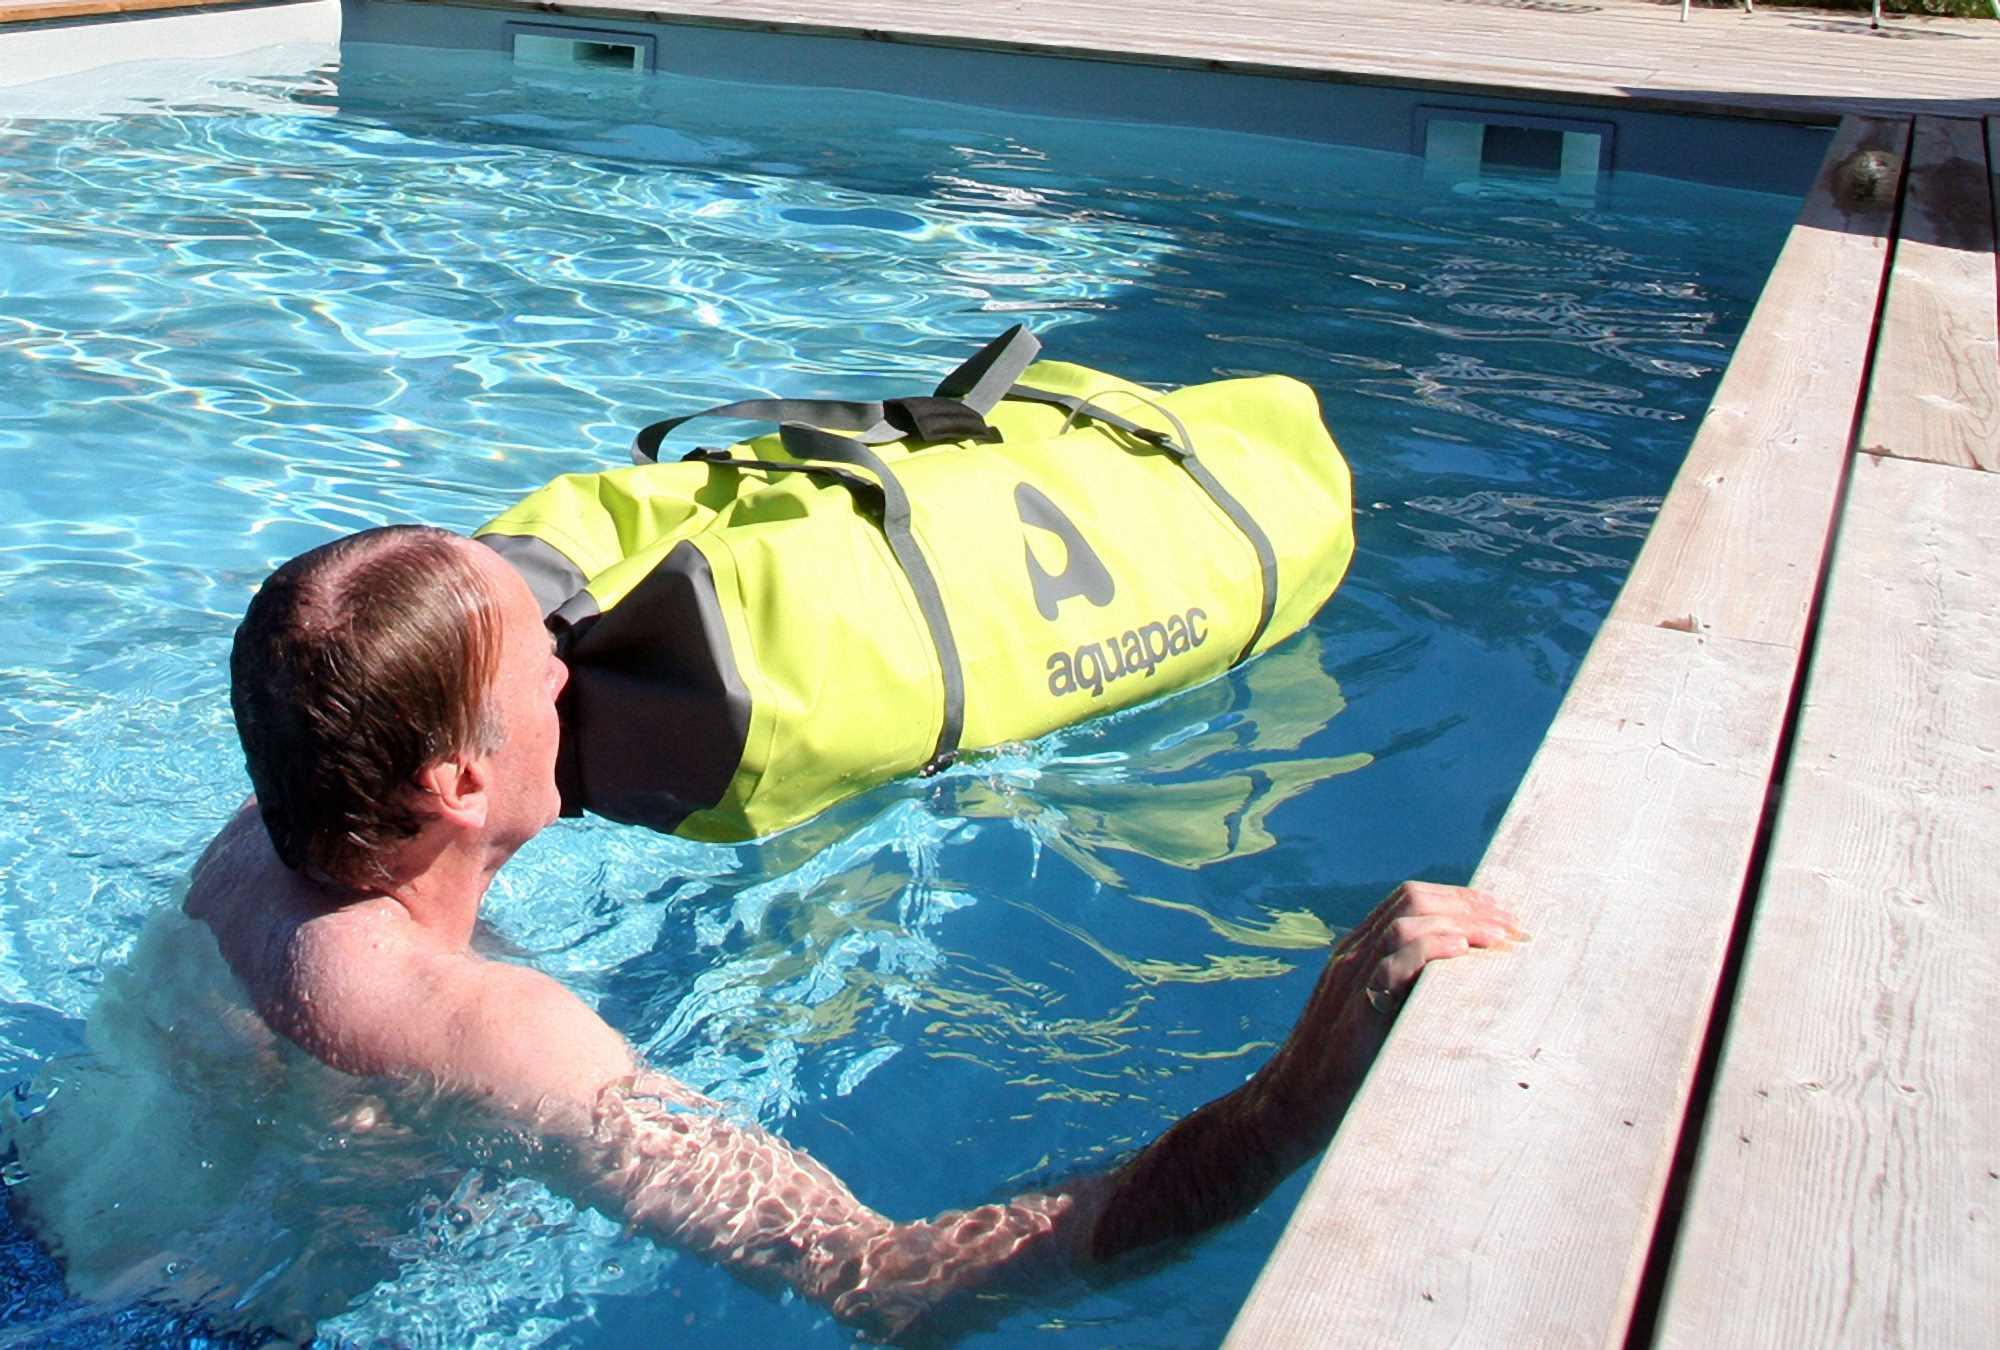 Водонепроницаемая сумка Aquapac 723 - TrailProof Duffels - 70L.. Aquapac - №1 в мире водонепроницаемых чехлов и сумок. Фото 5